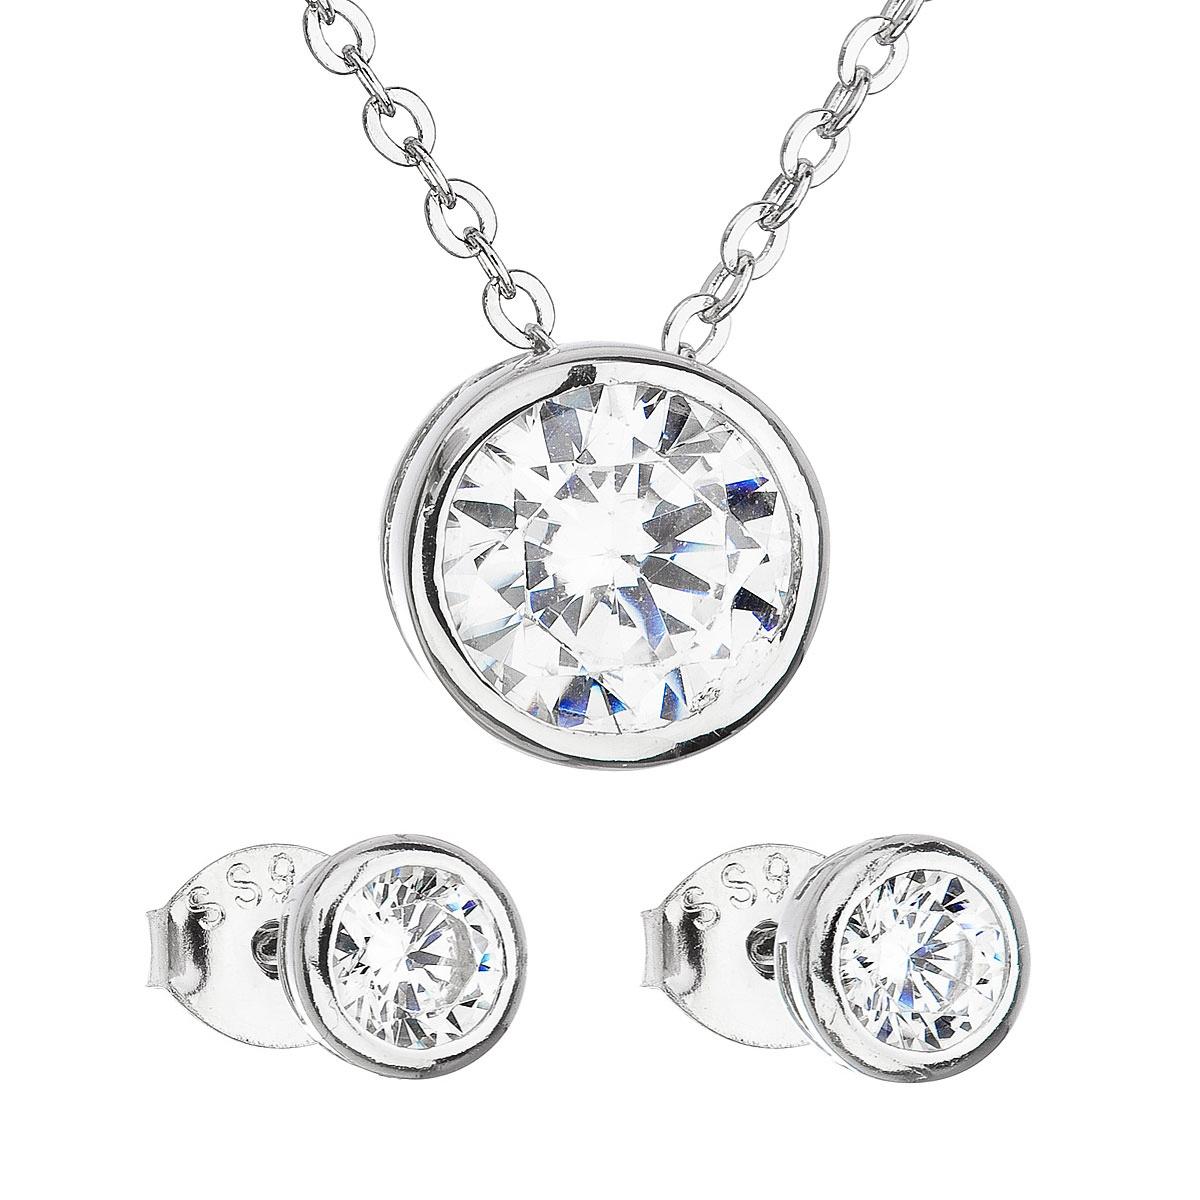 Evolution Group Sada šperků se zirkonem v bílé barvě náušnice a náhrdelník 19006.1